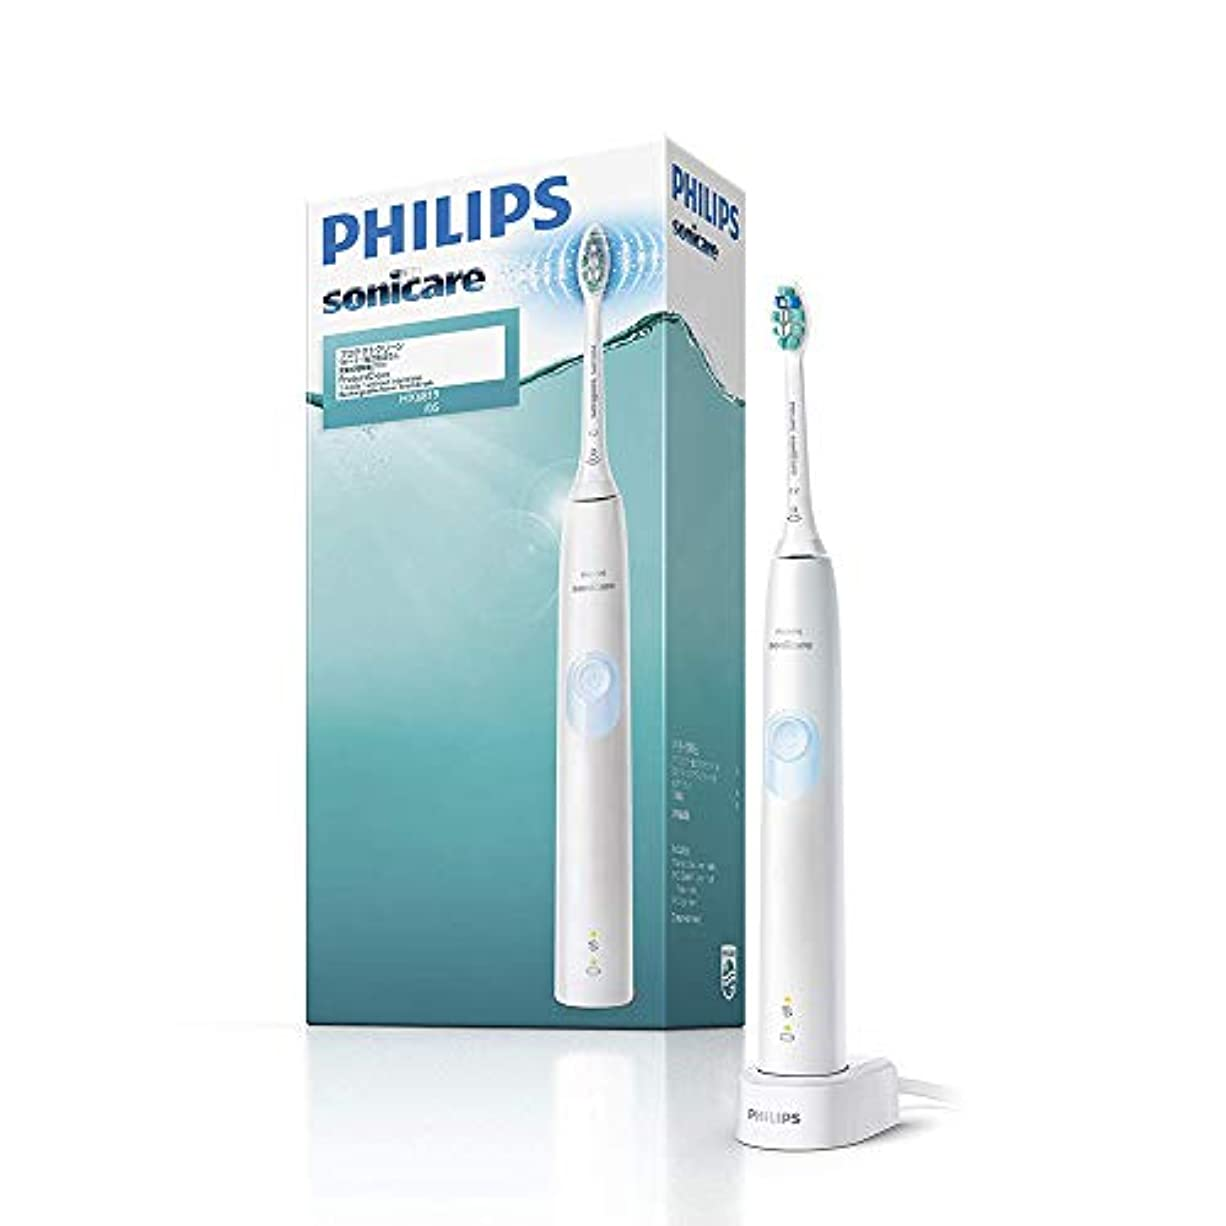 忠実に圧力におい【Amazon.co.jp限定】フィリップス ソニッケアー プロテクトクリーン ホワイトライトブルー 電動歯ブラシ 強さ設定なし HX6819/05